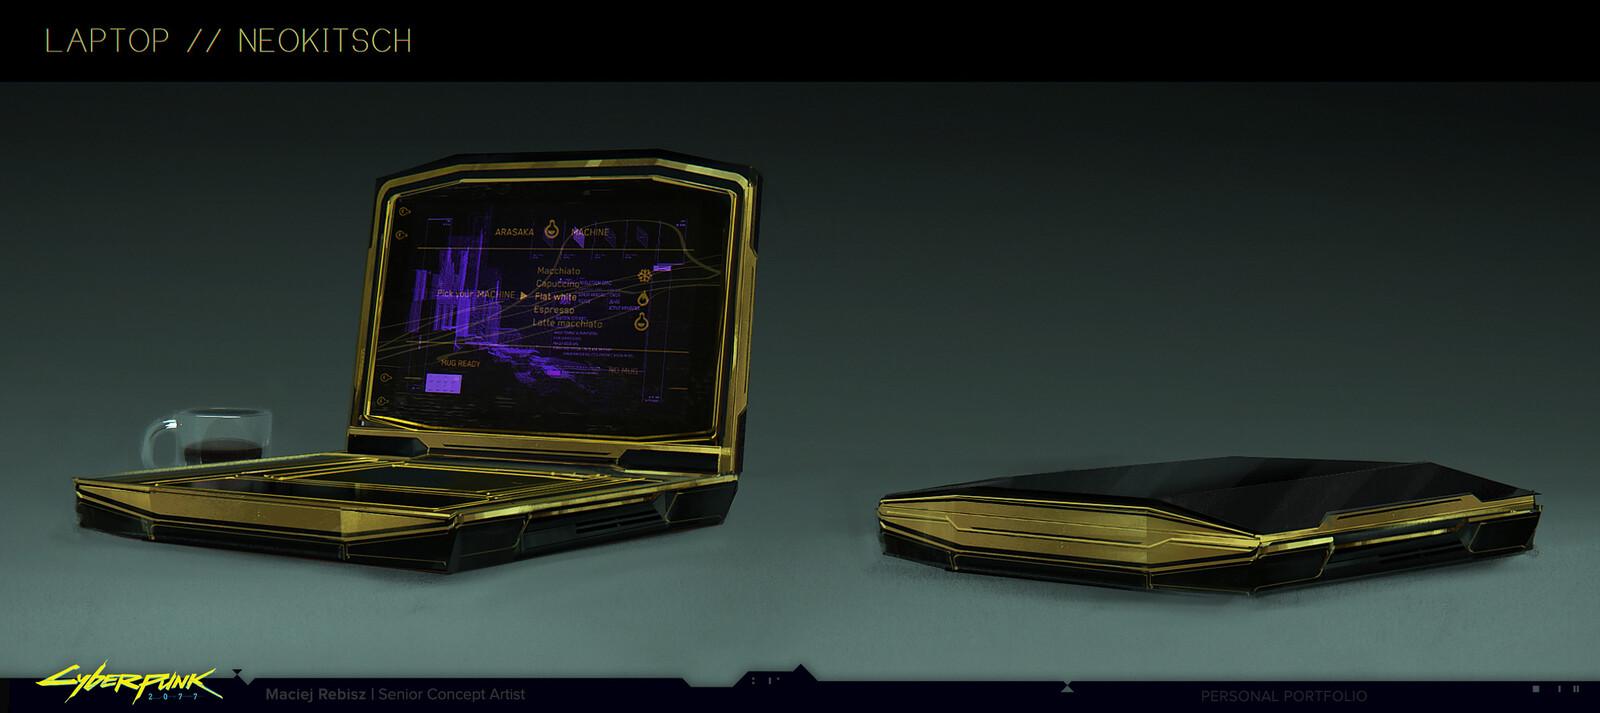 Neokitsch laptop